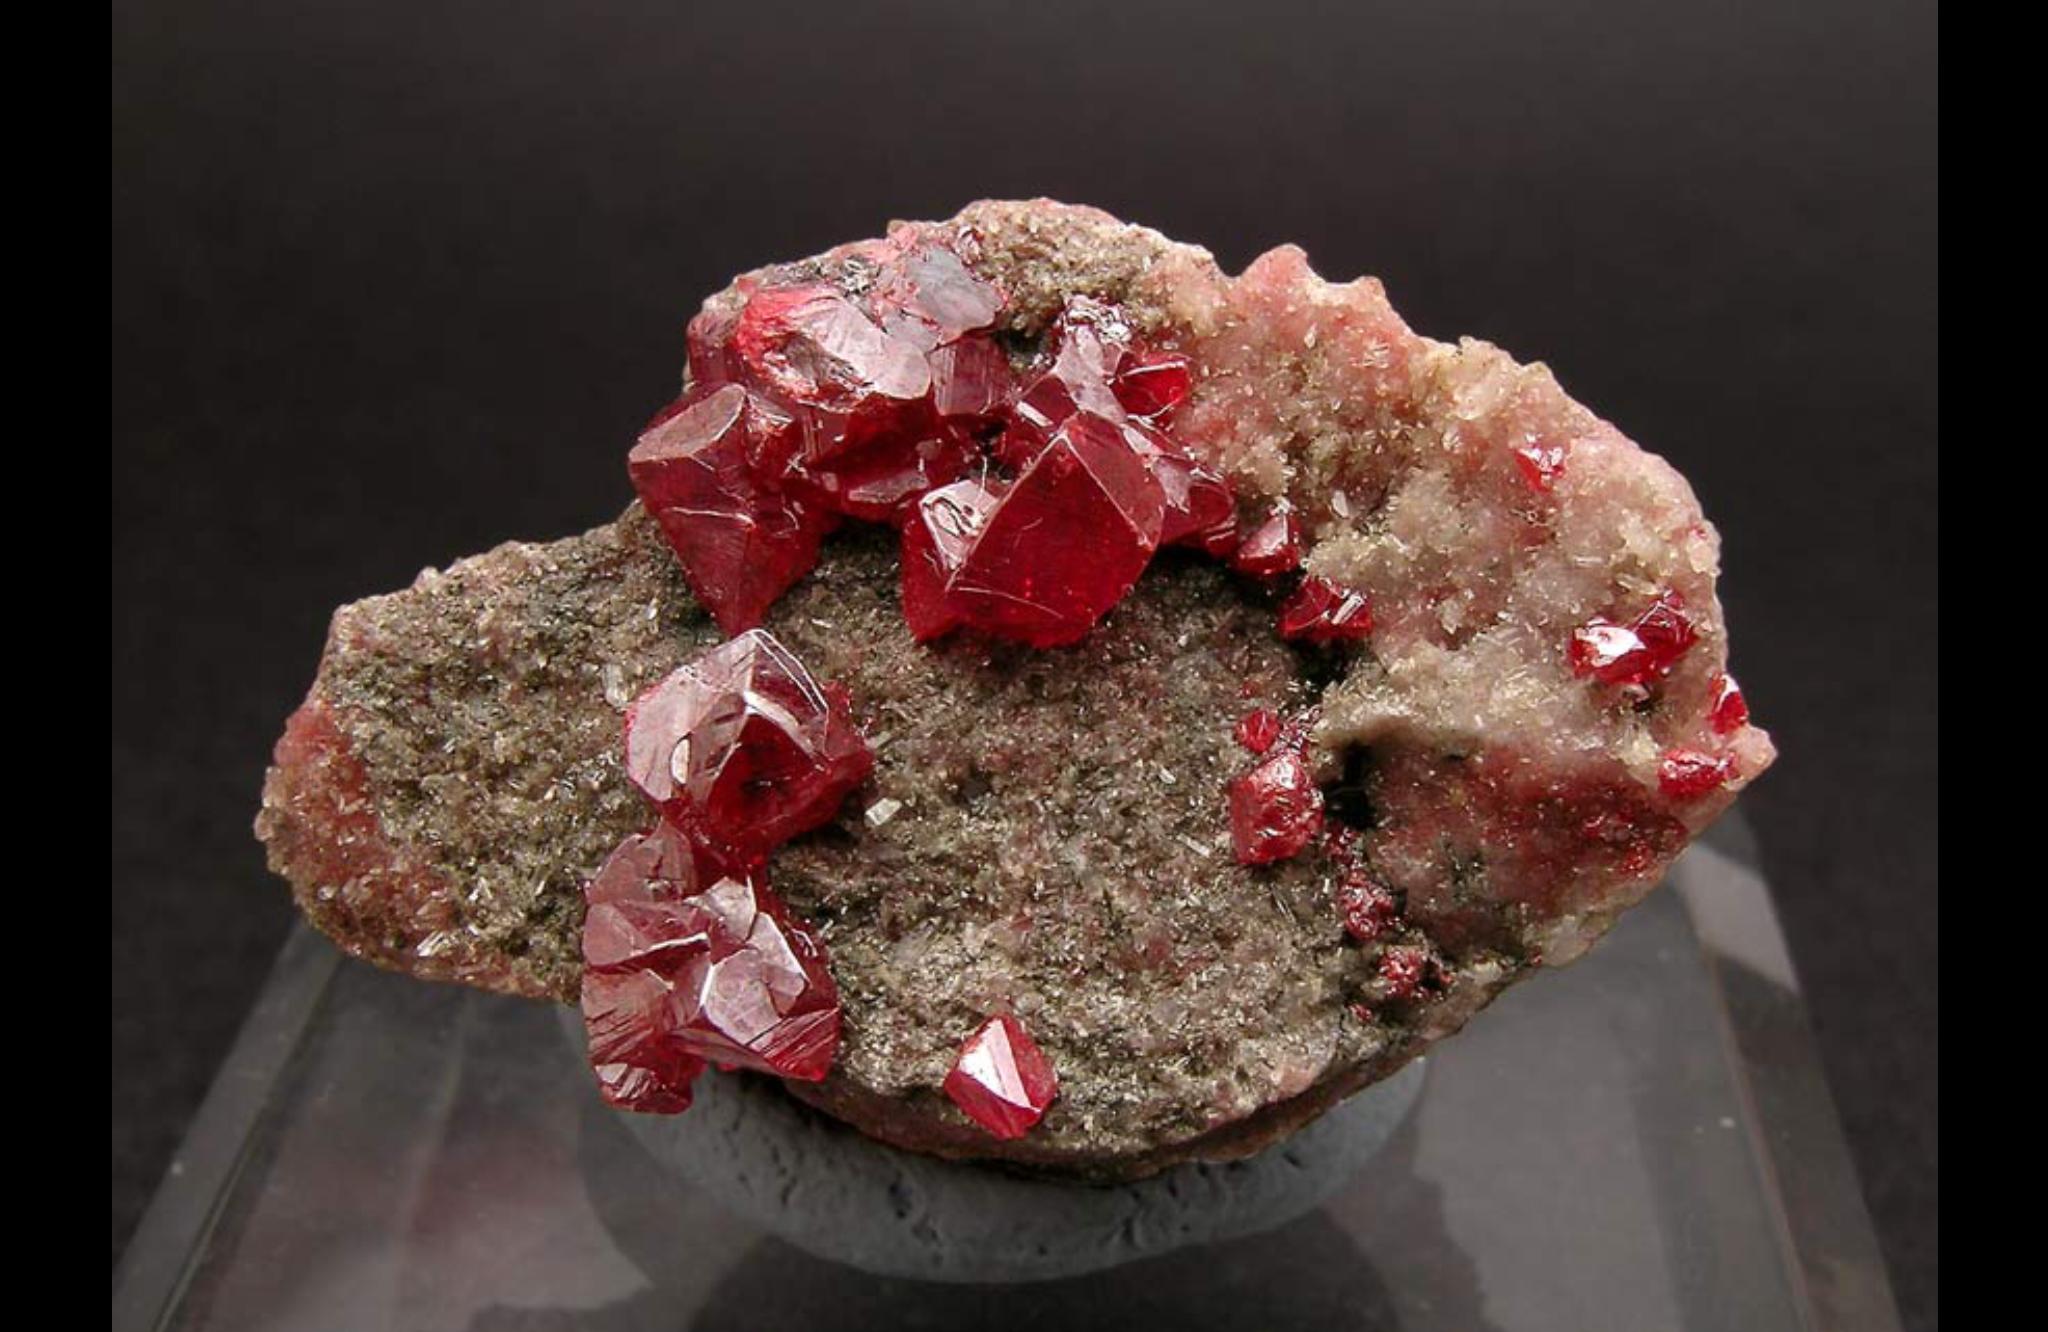 Киноварь: происхождение древнего минерала, его свойства и особенности